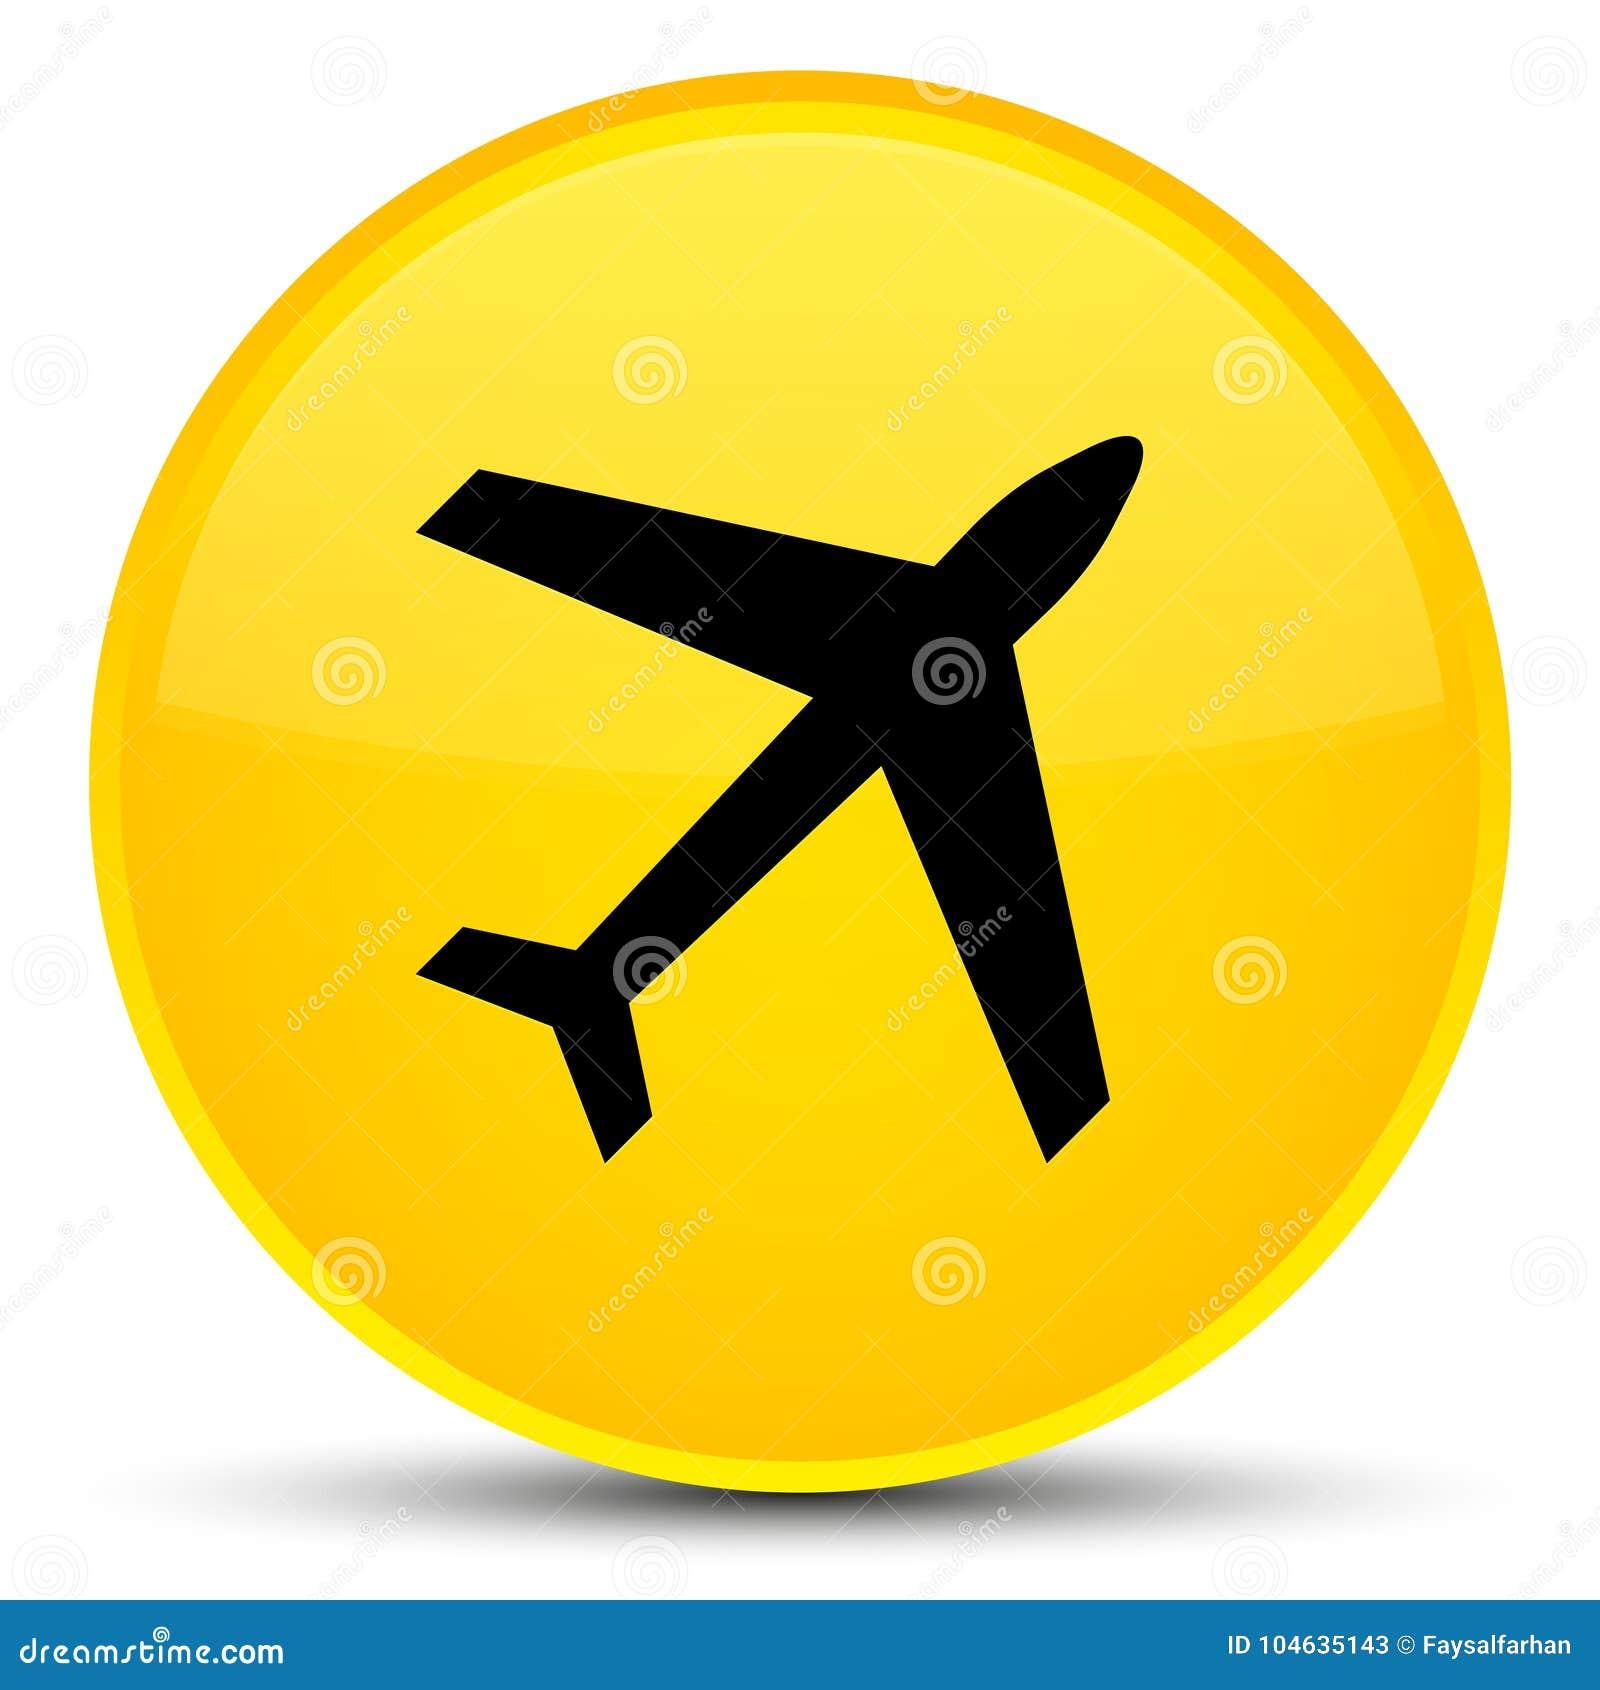 Download De Speciale Gele Ronde Knoop Van Het Vliegtuigpictogram Stock Illustratie - Illustratie bestaande uit vlieg, luchtvaartlijn: 104635143